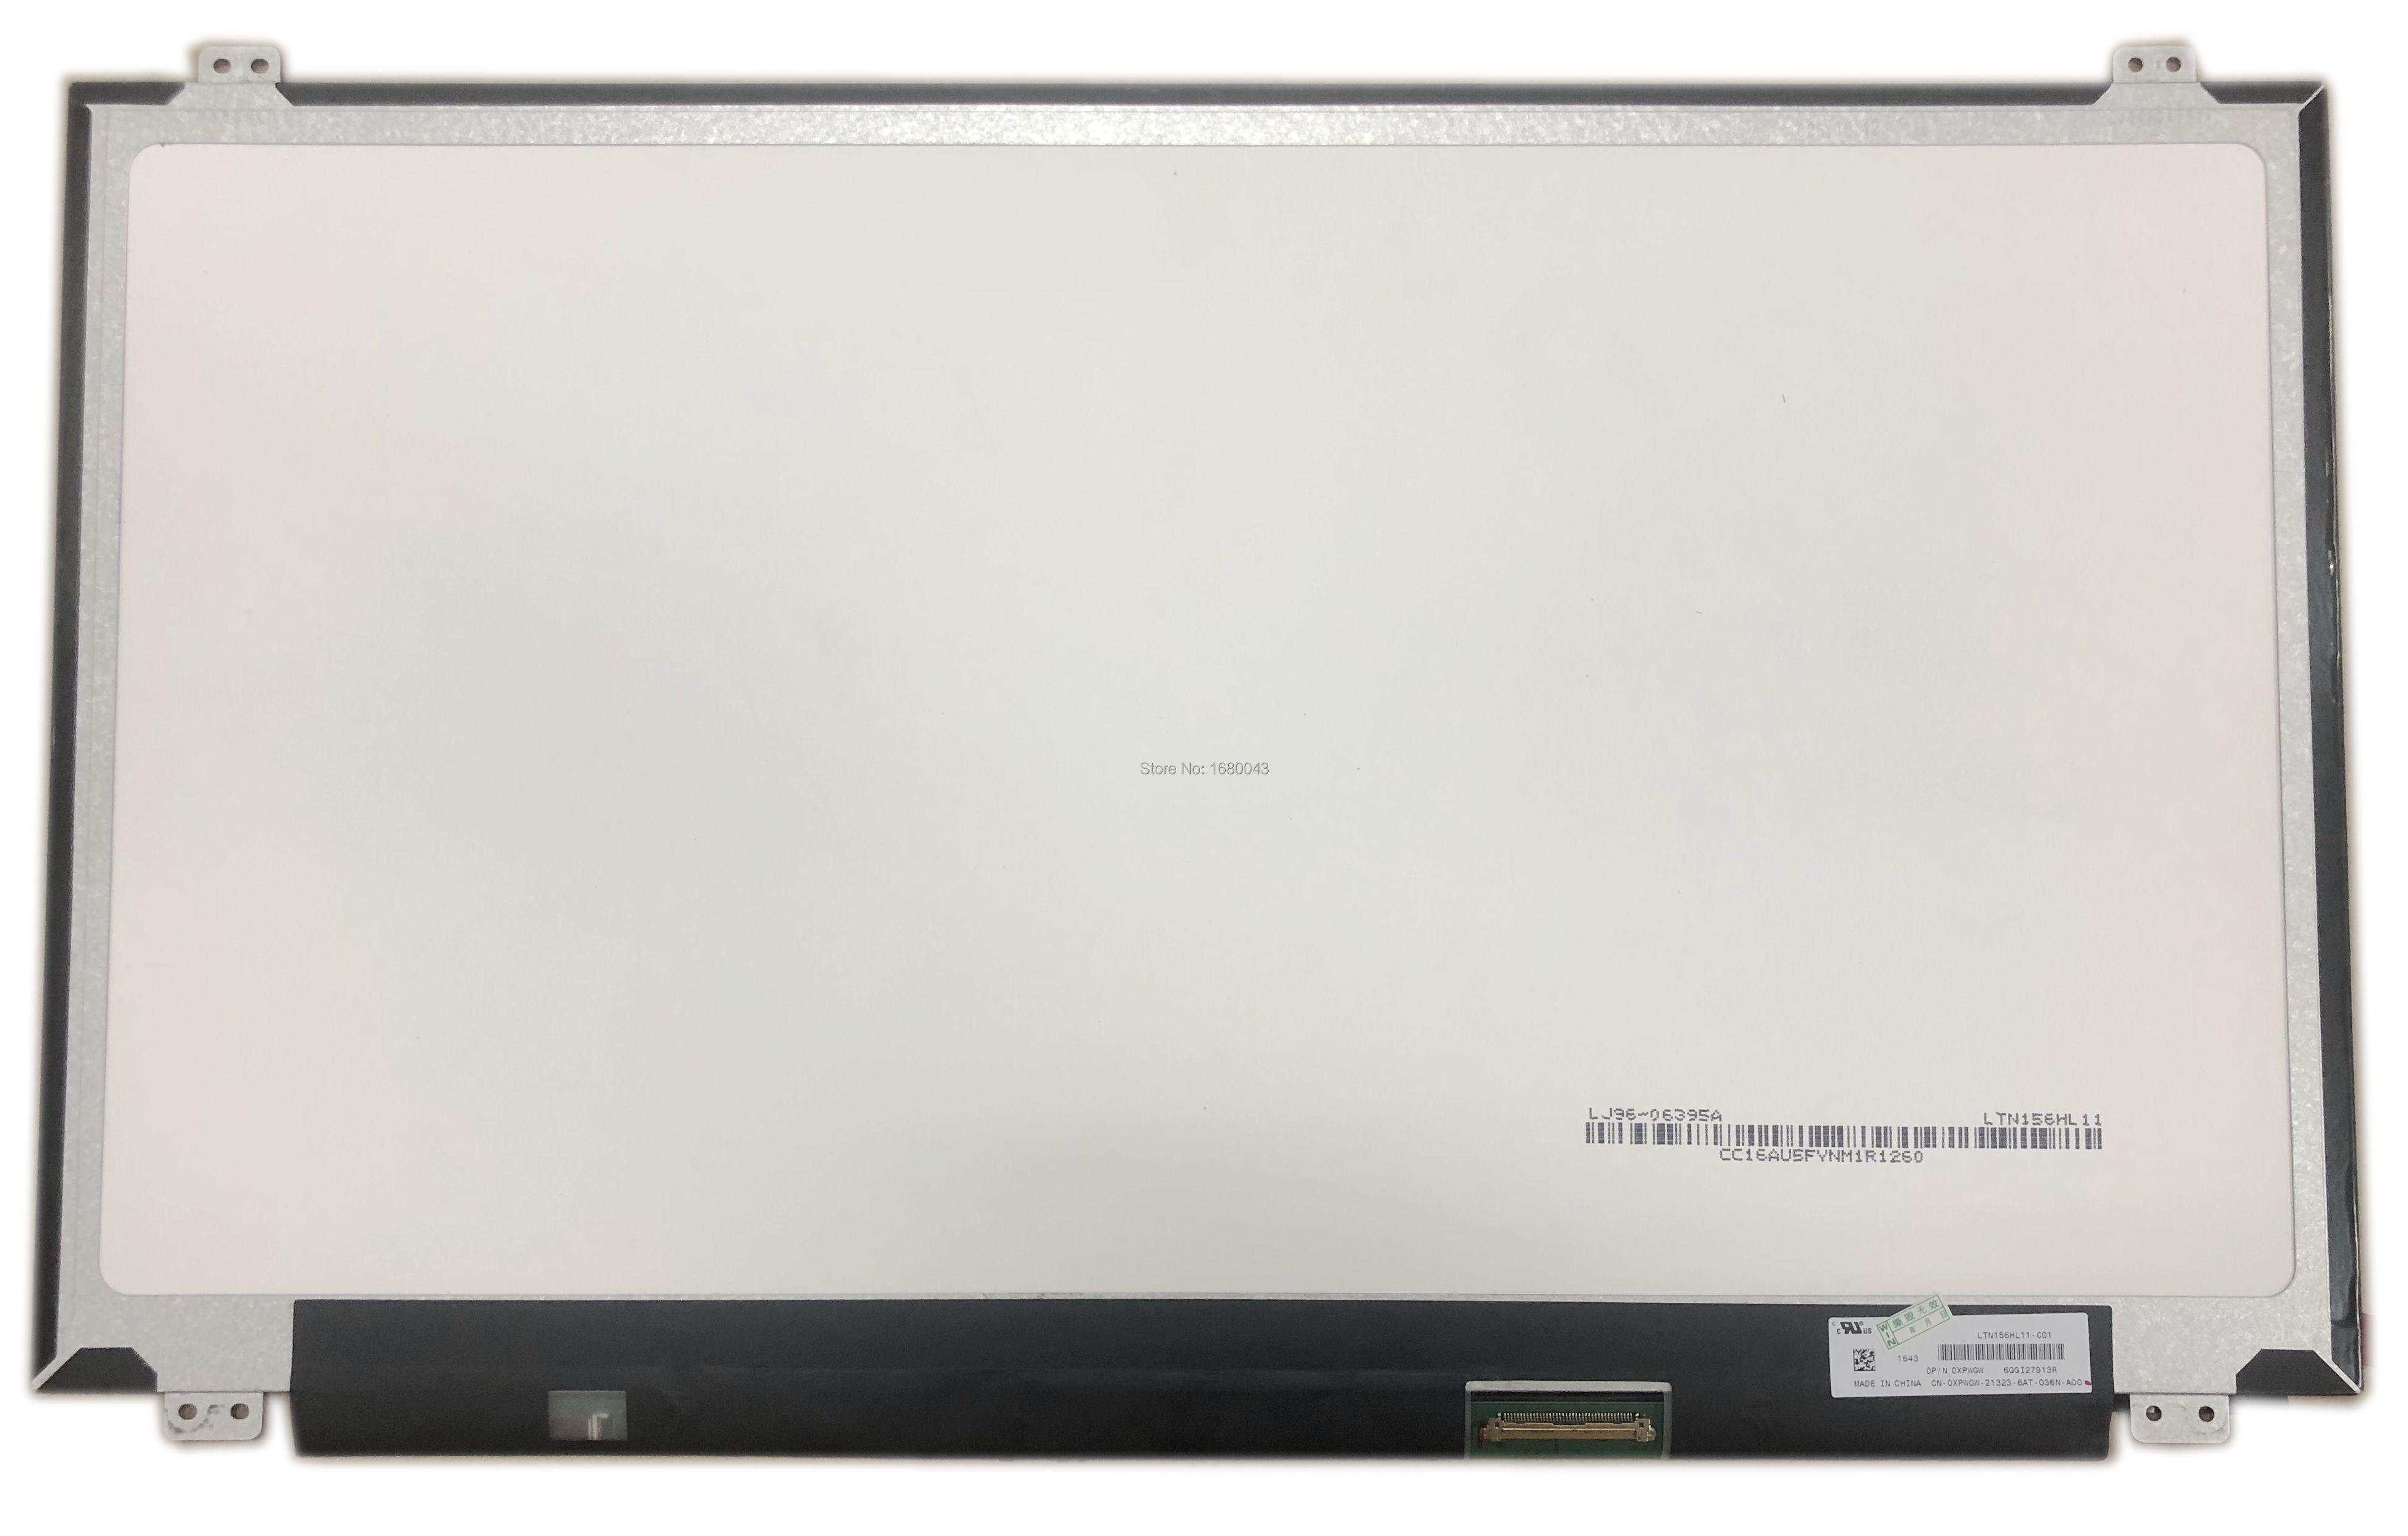 LTN156HL11-C01 LTN156HL11 15.6 IPS for DELL